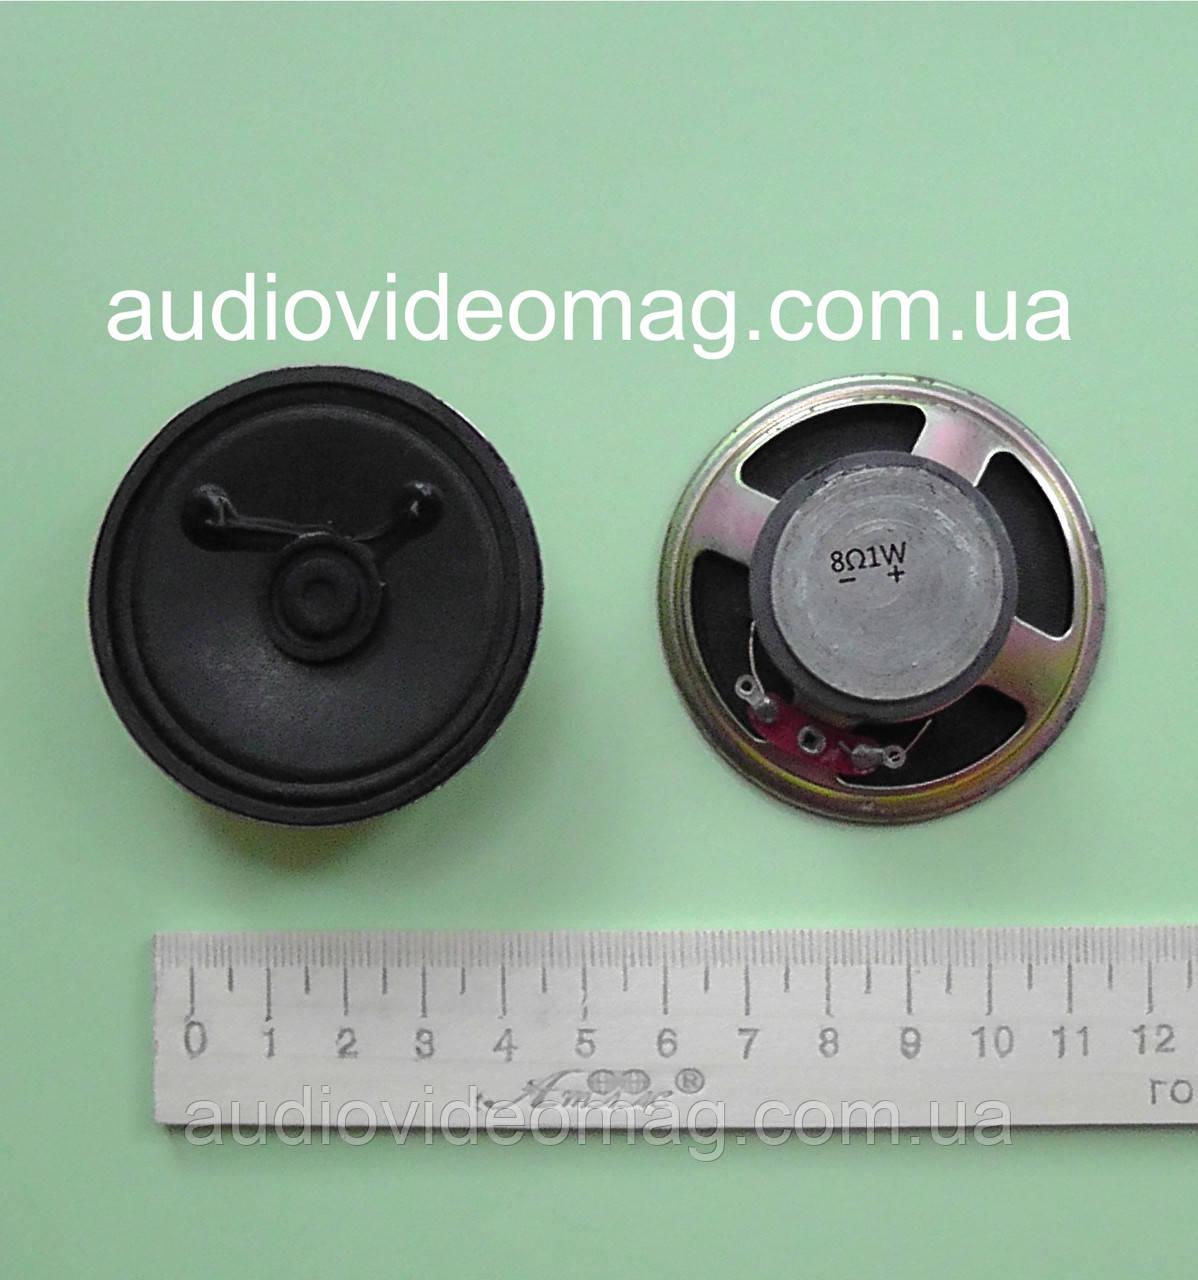 Динамик, сопротивление Ω 8 Ом, 1 Вт, диаметр 78 мм, металлический корпус